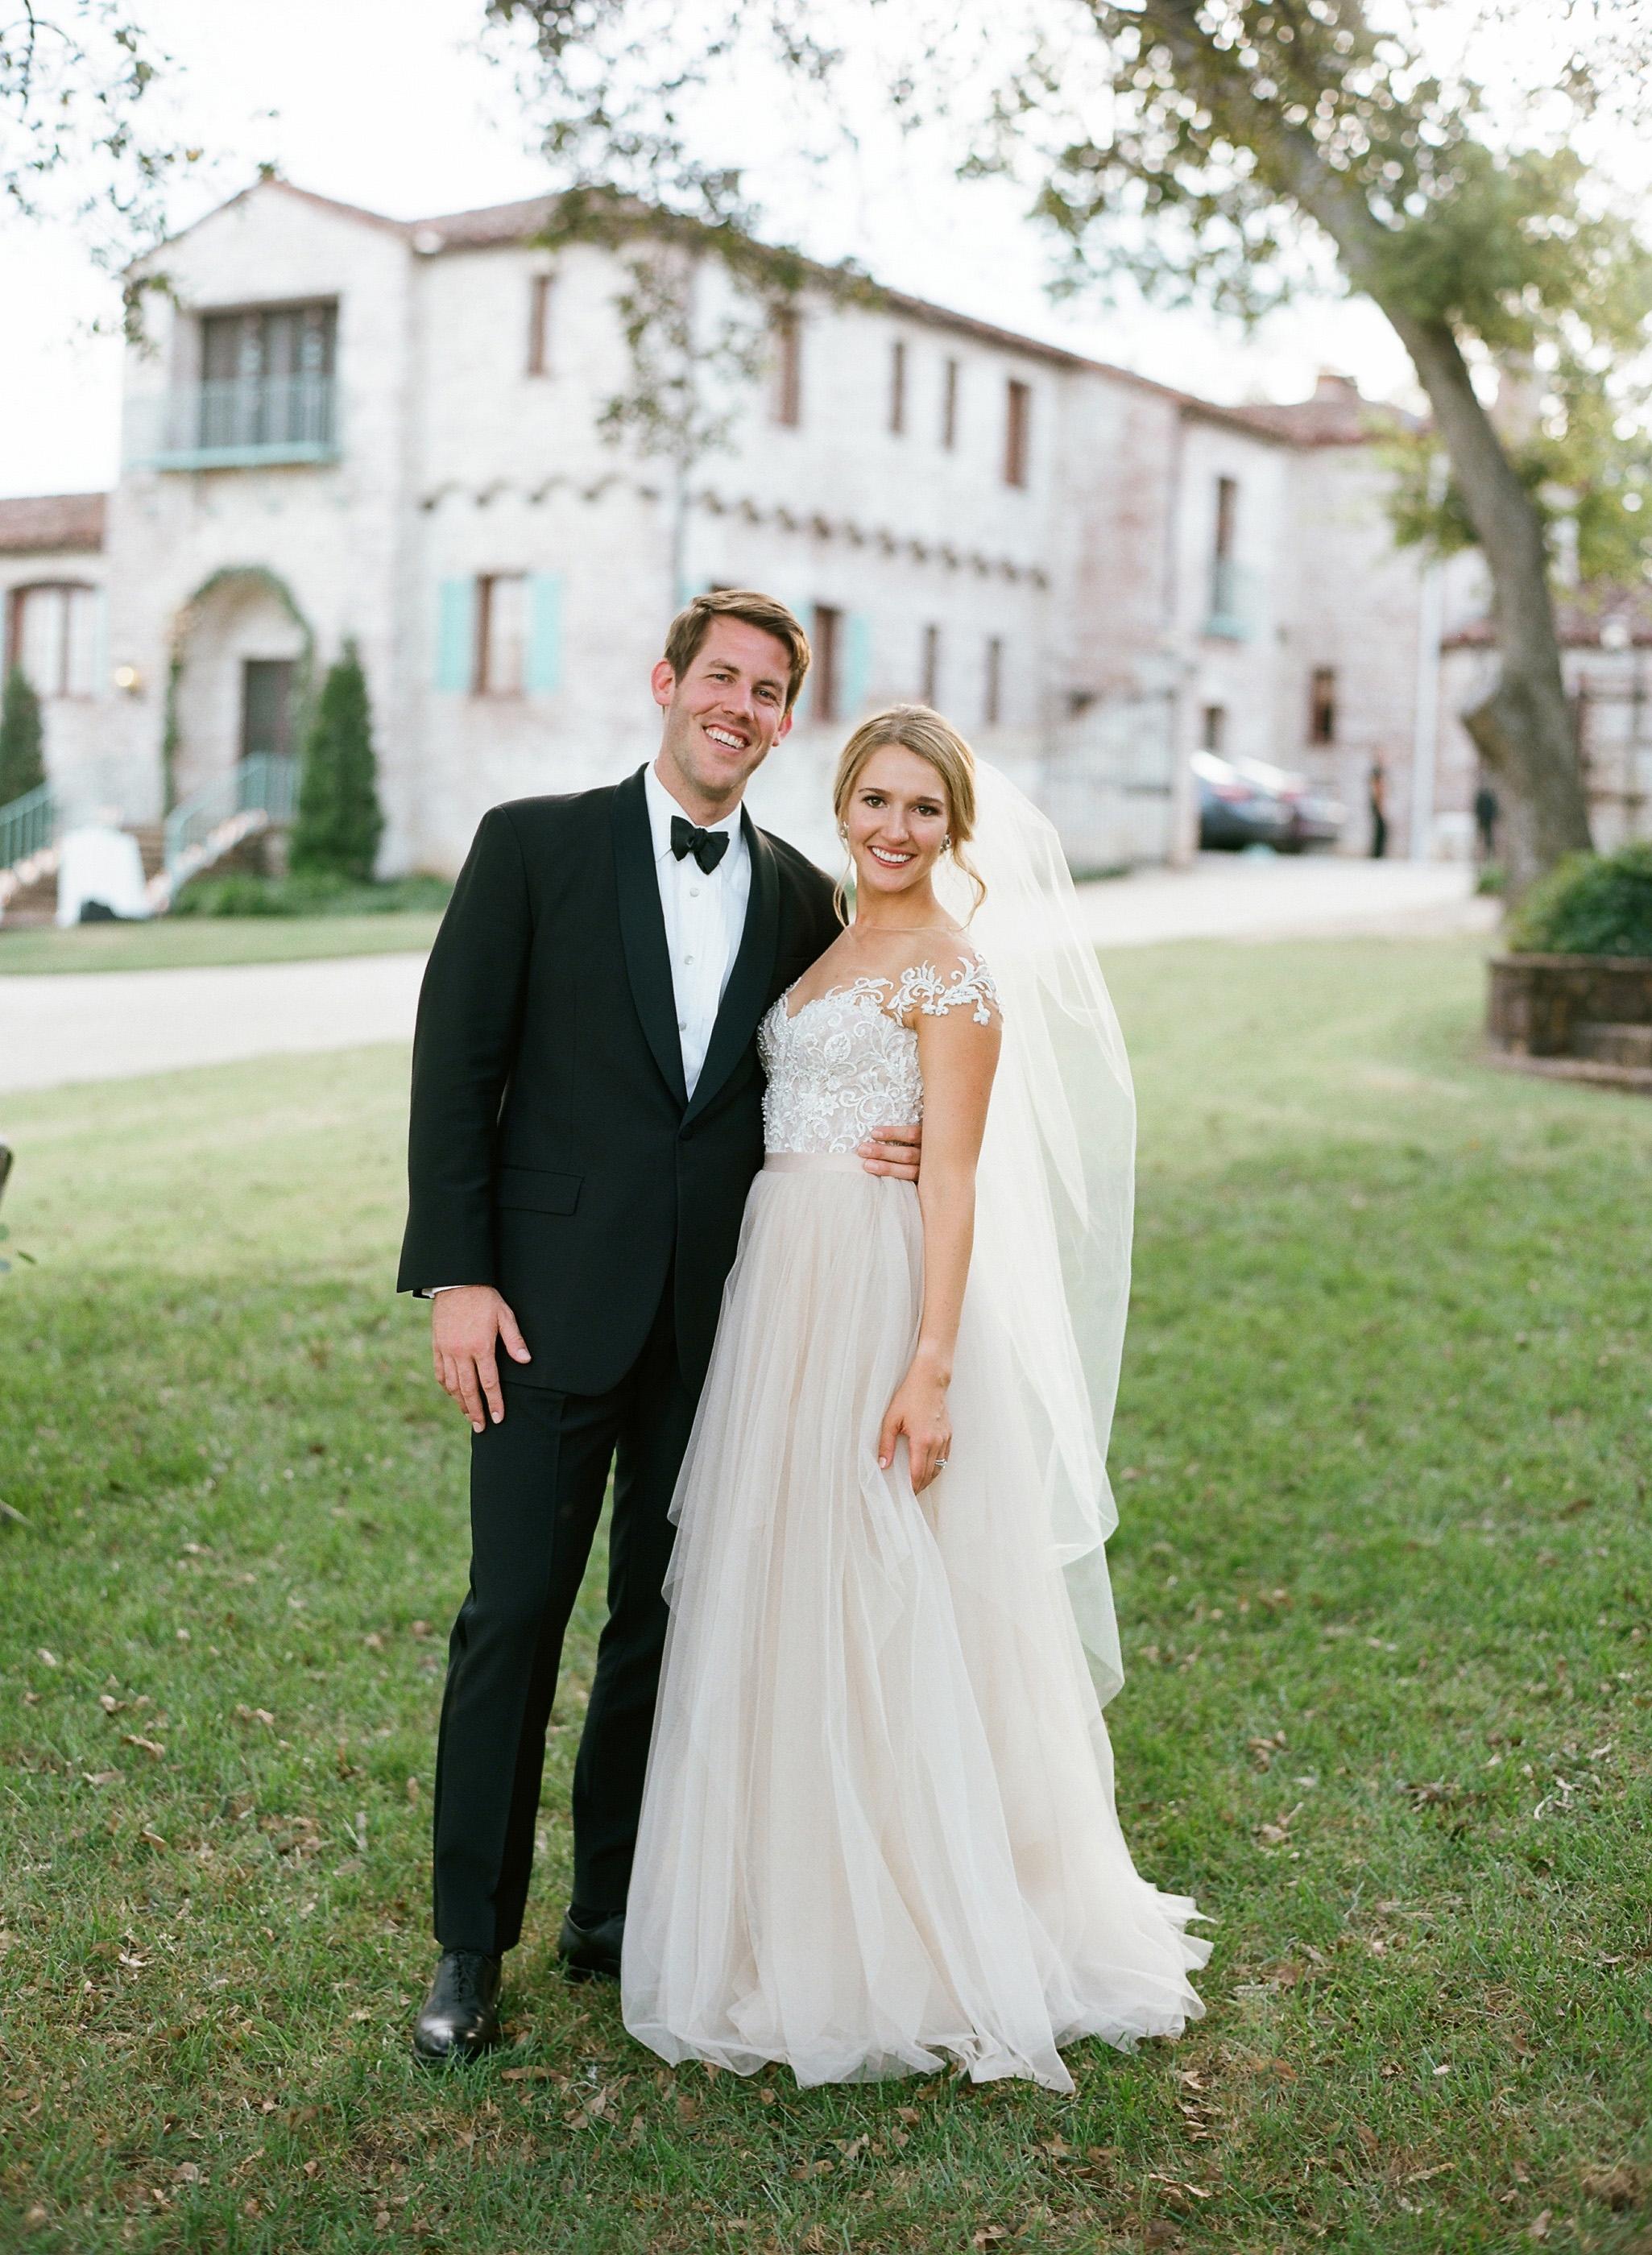 jessika william wedding couple embrace